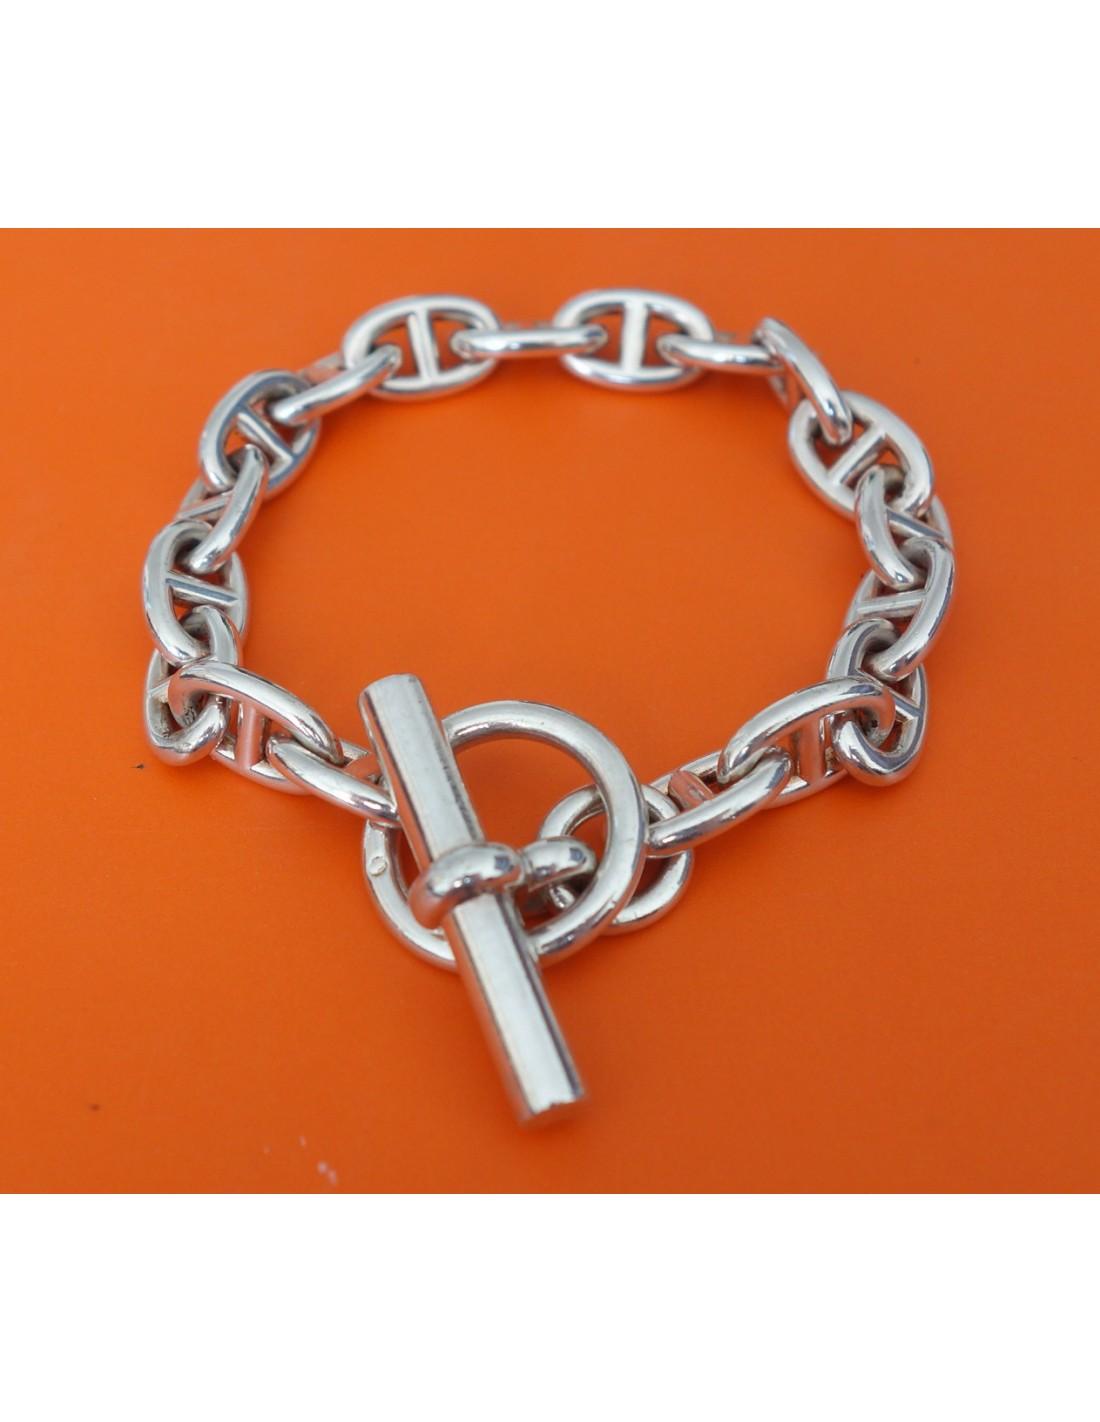 official store hermès bracelet sur cordon en laiton argenté chaîne dancre  55e49 6b30c  purchase bracelet chaine dancre hermes pm 8bb35 61069 2c92bf46f3c